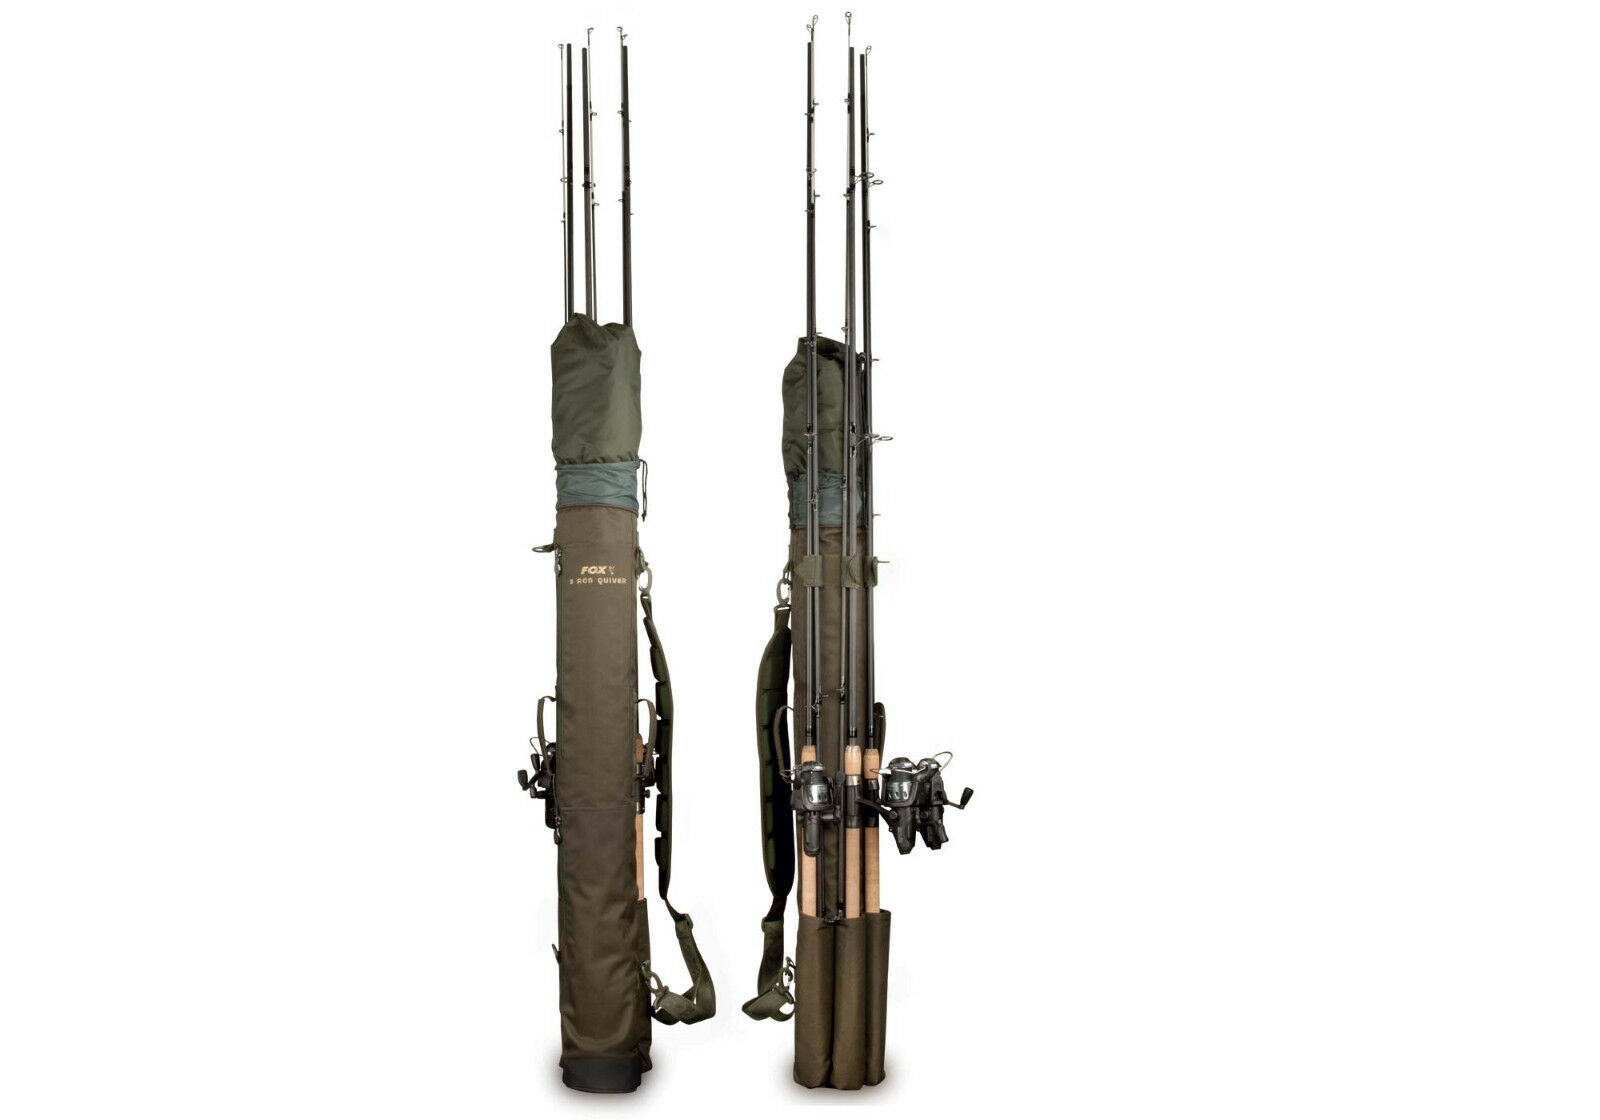 Fox Friedfischangeln Friedfischangeln Fox Spezialist Range Leicht Rudern Zittern ALU003 948246